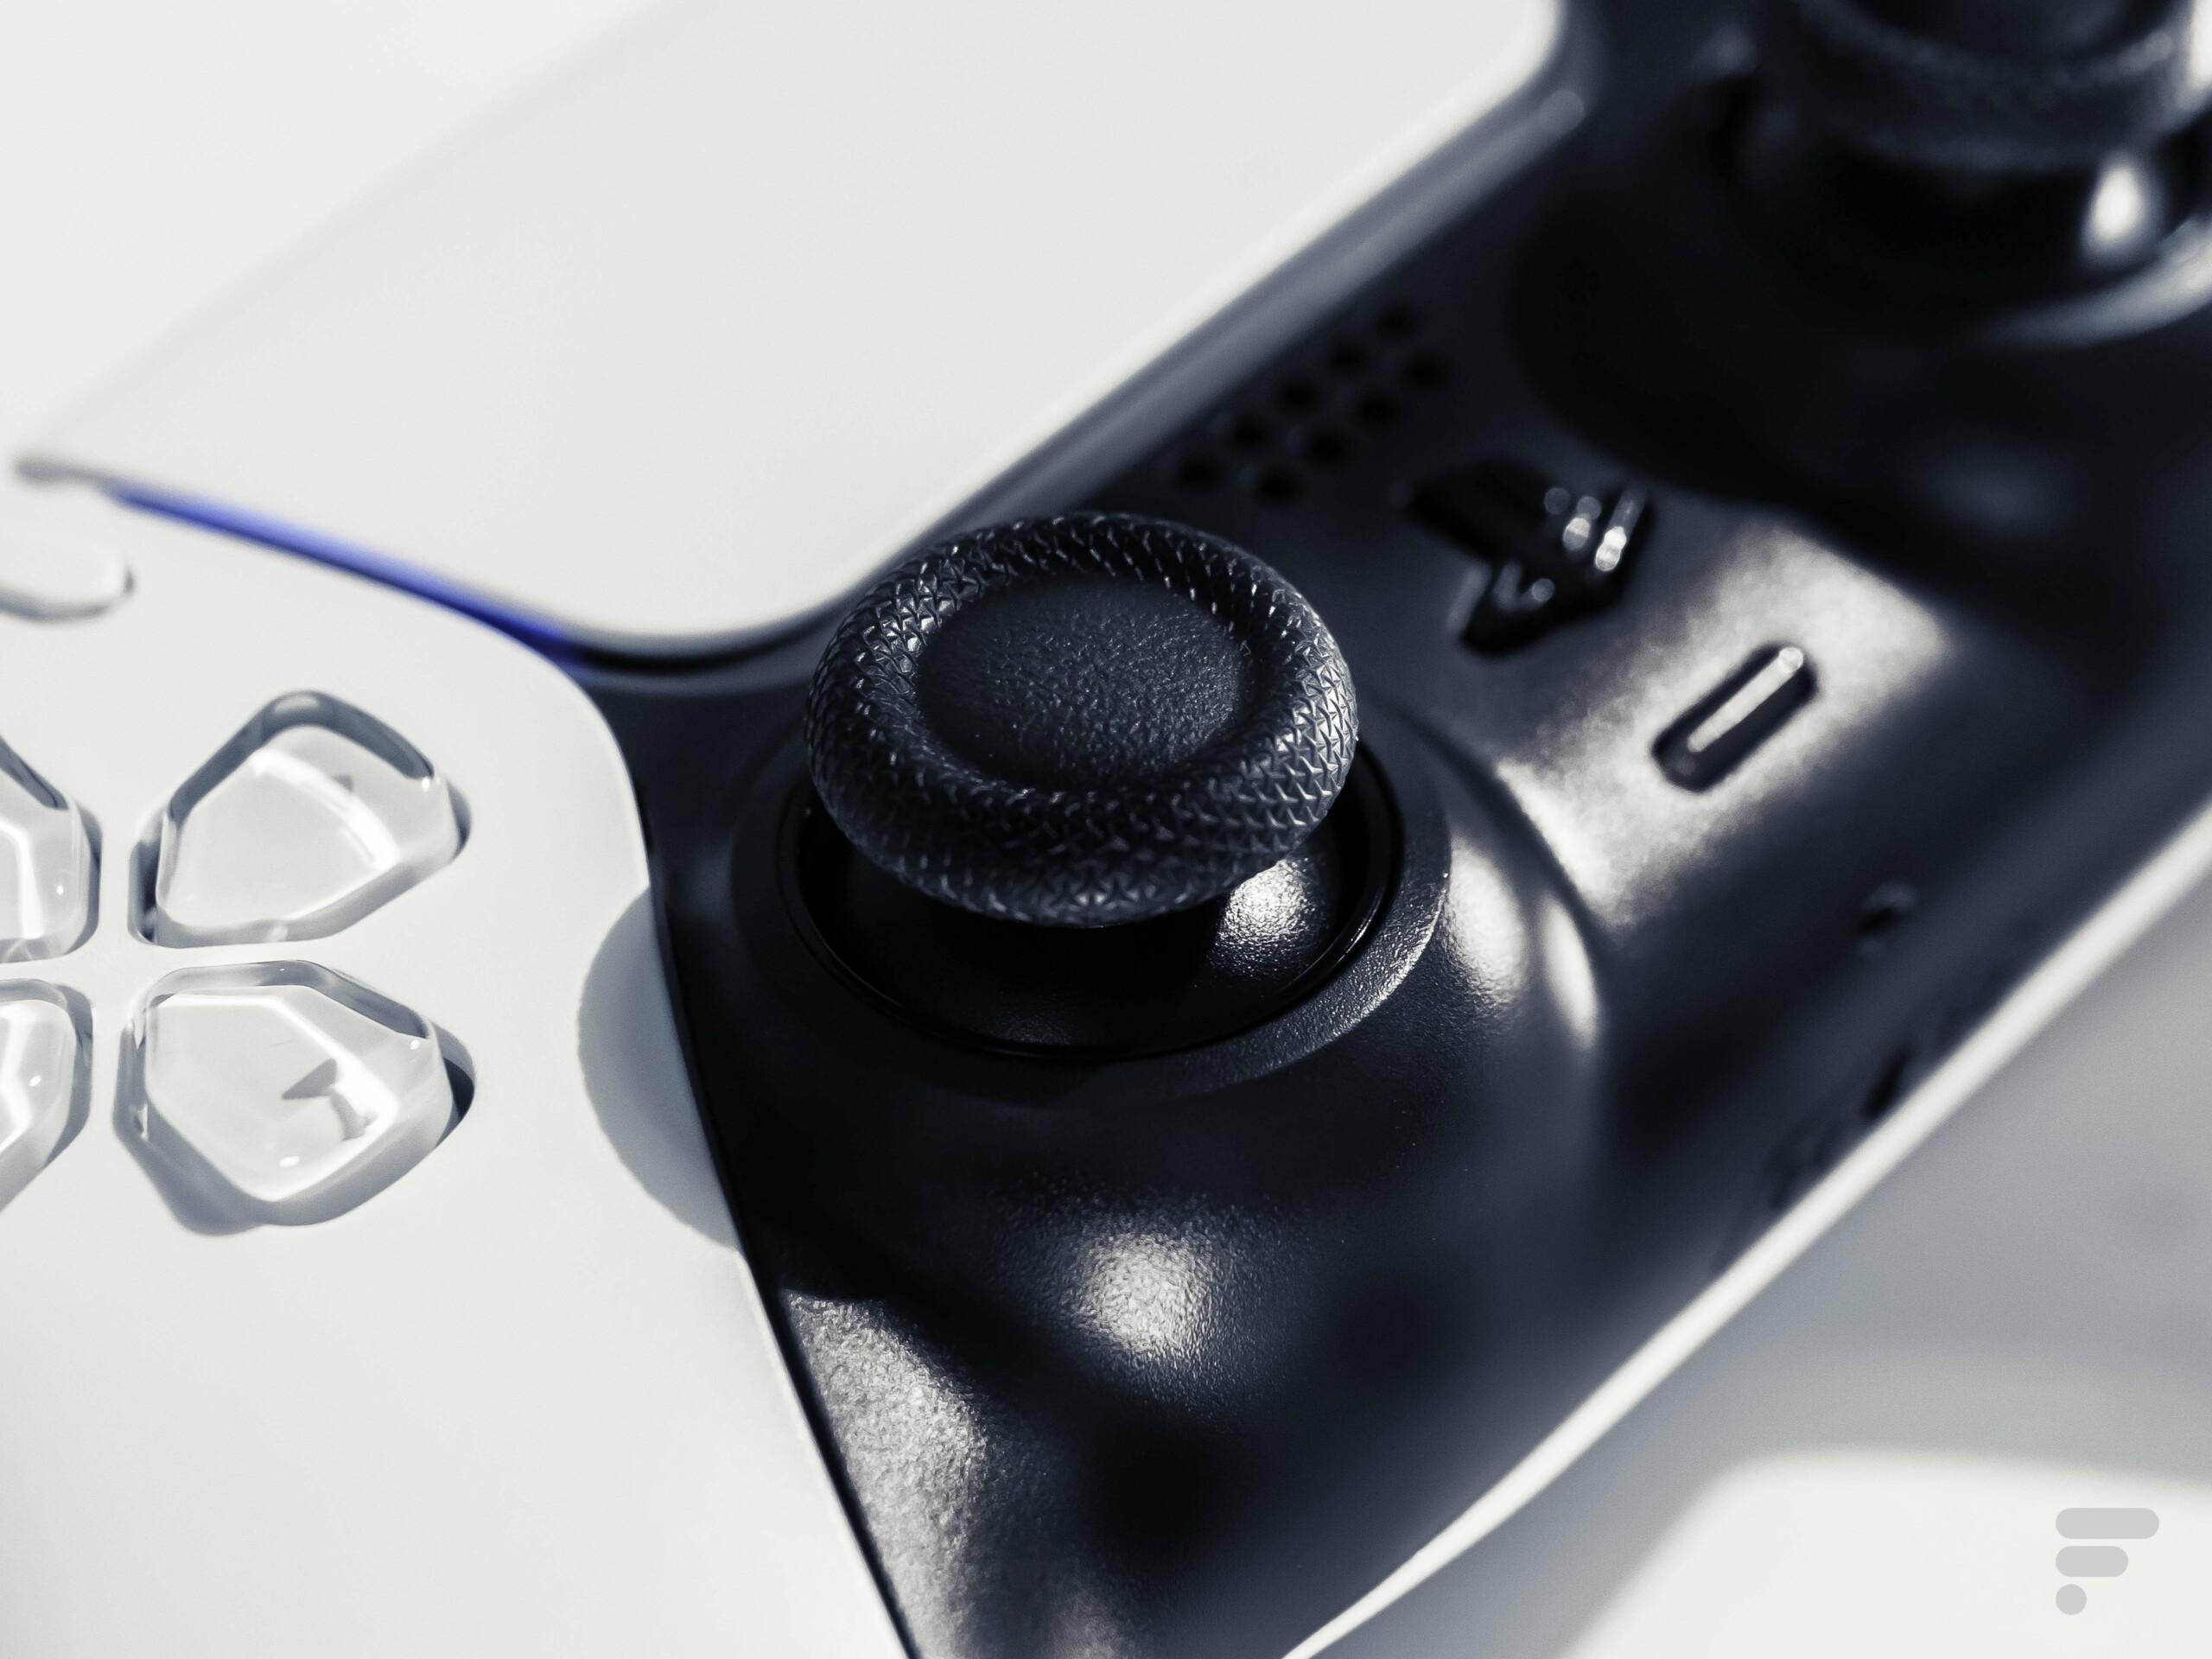 PS5 : la manette DualSense aurait un problème de drift